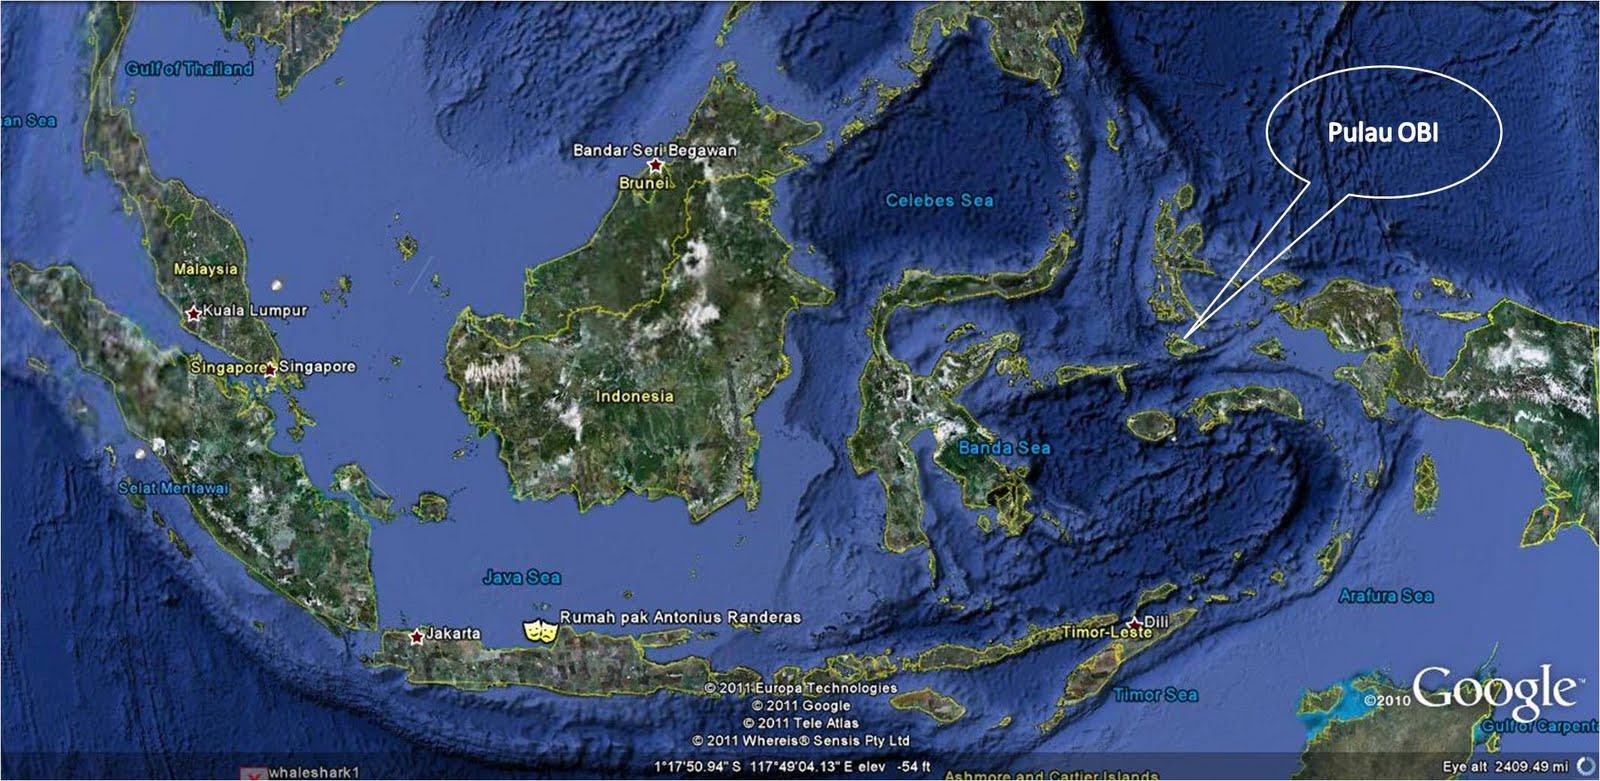 Potensi tambang di Pulau Obi Halmahera Selatan - Ardi La